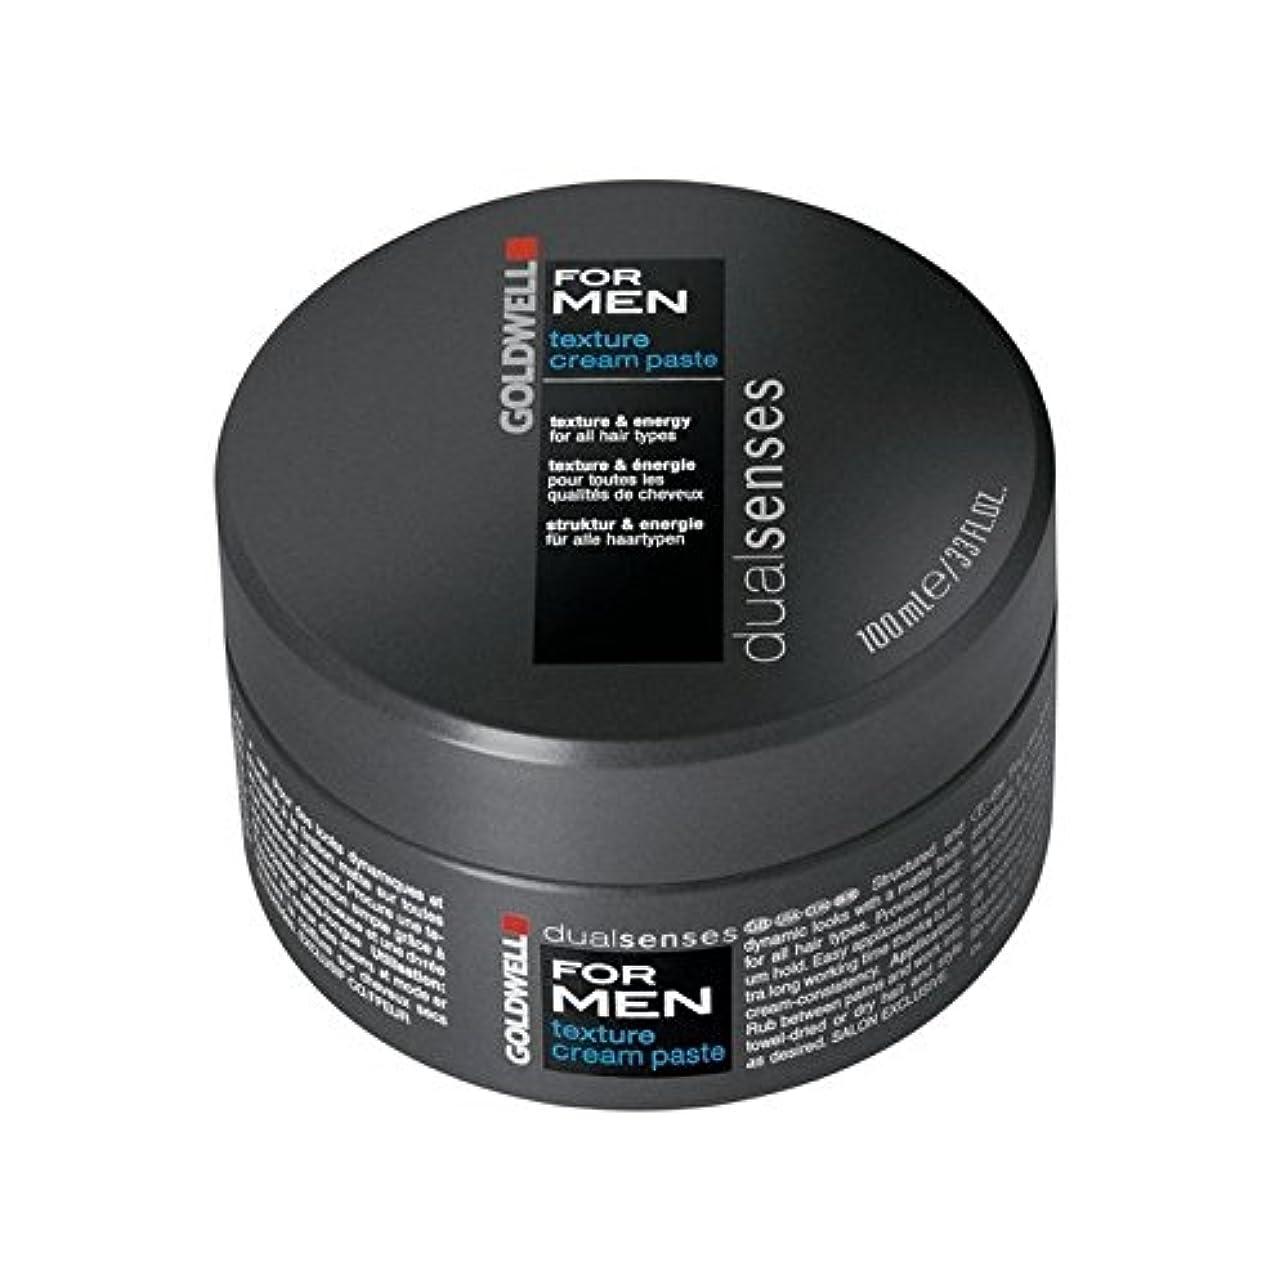 漫画櫛エミュレートする男性のテクスチャーのクリームペースト(100ミリリットル)のためのの x4 - Goldwell Dualsenses For Men Texture Cream Paste (100ml) (Pack of 4) [並行輸入品]